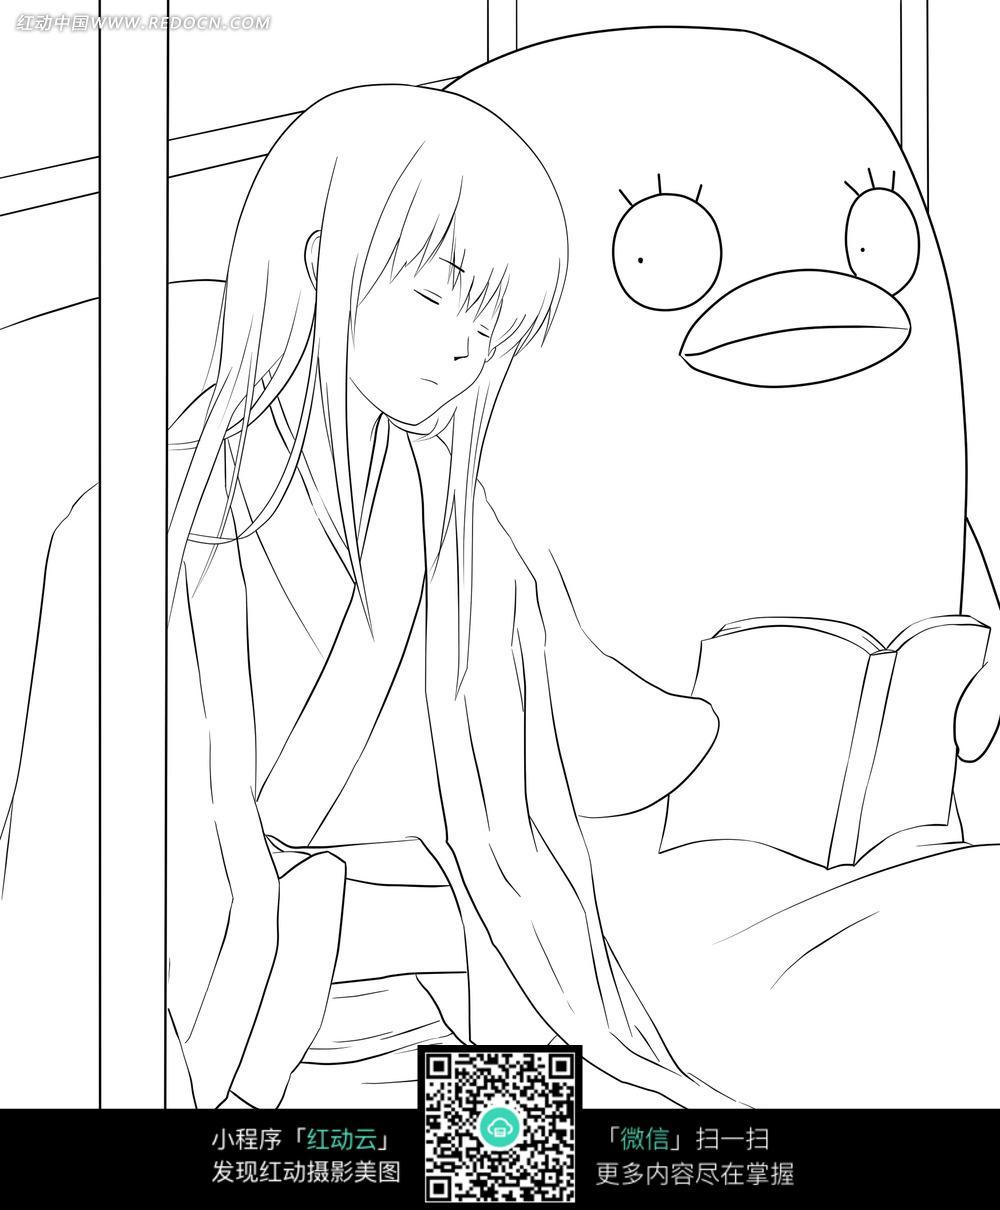 女孩和动物卡通手绘线稿